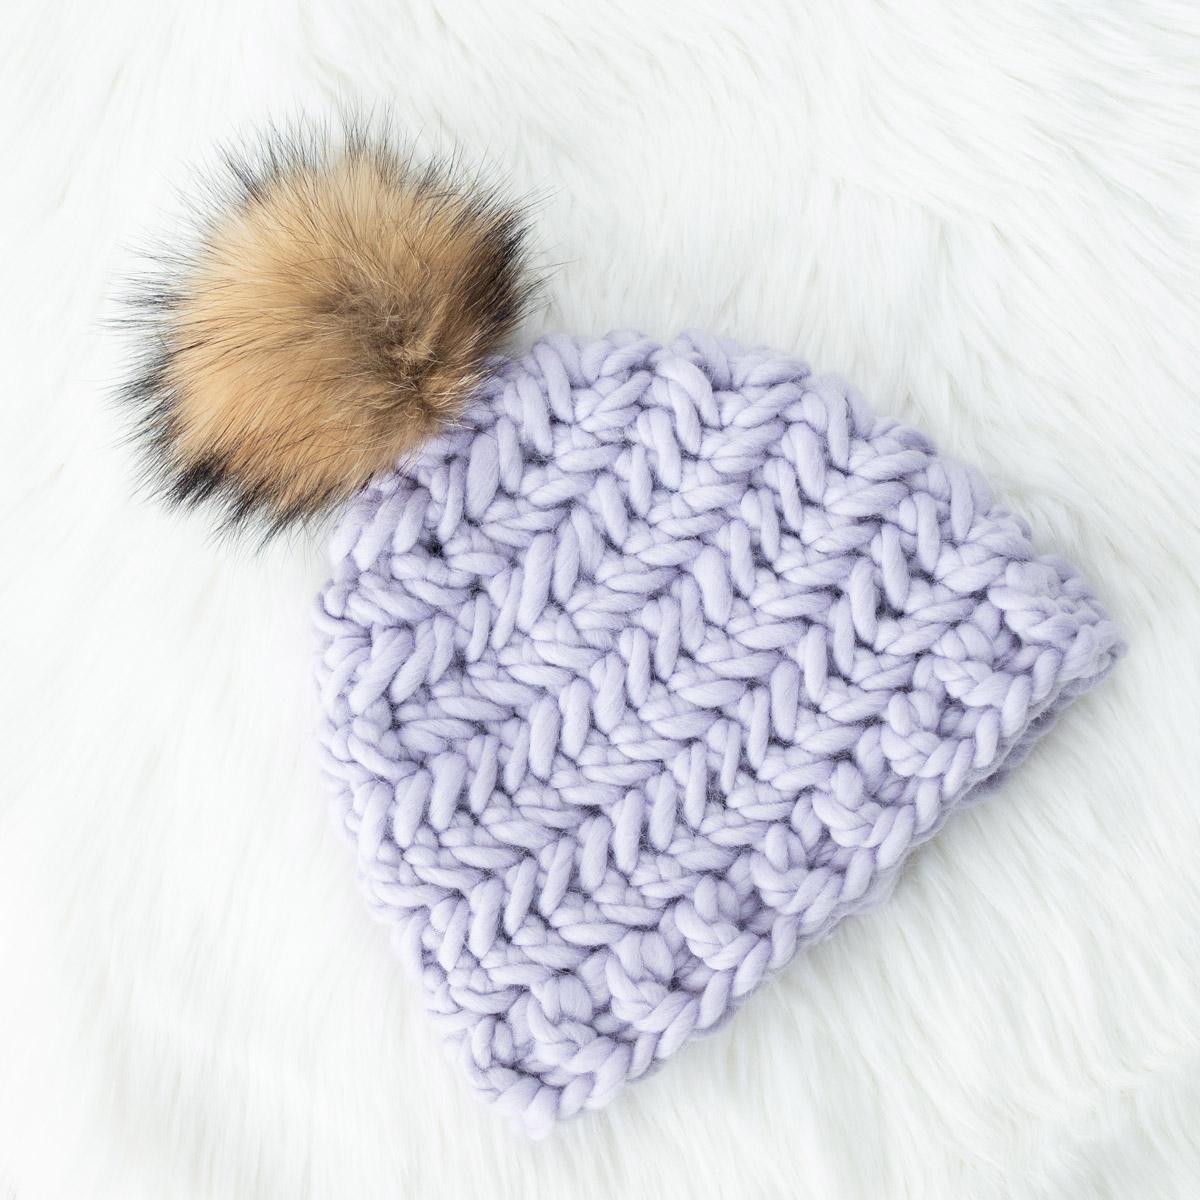 purple chevron crochet beanie with faux fur pom pom on sheep skin